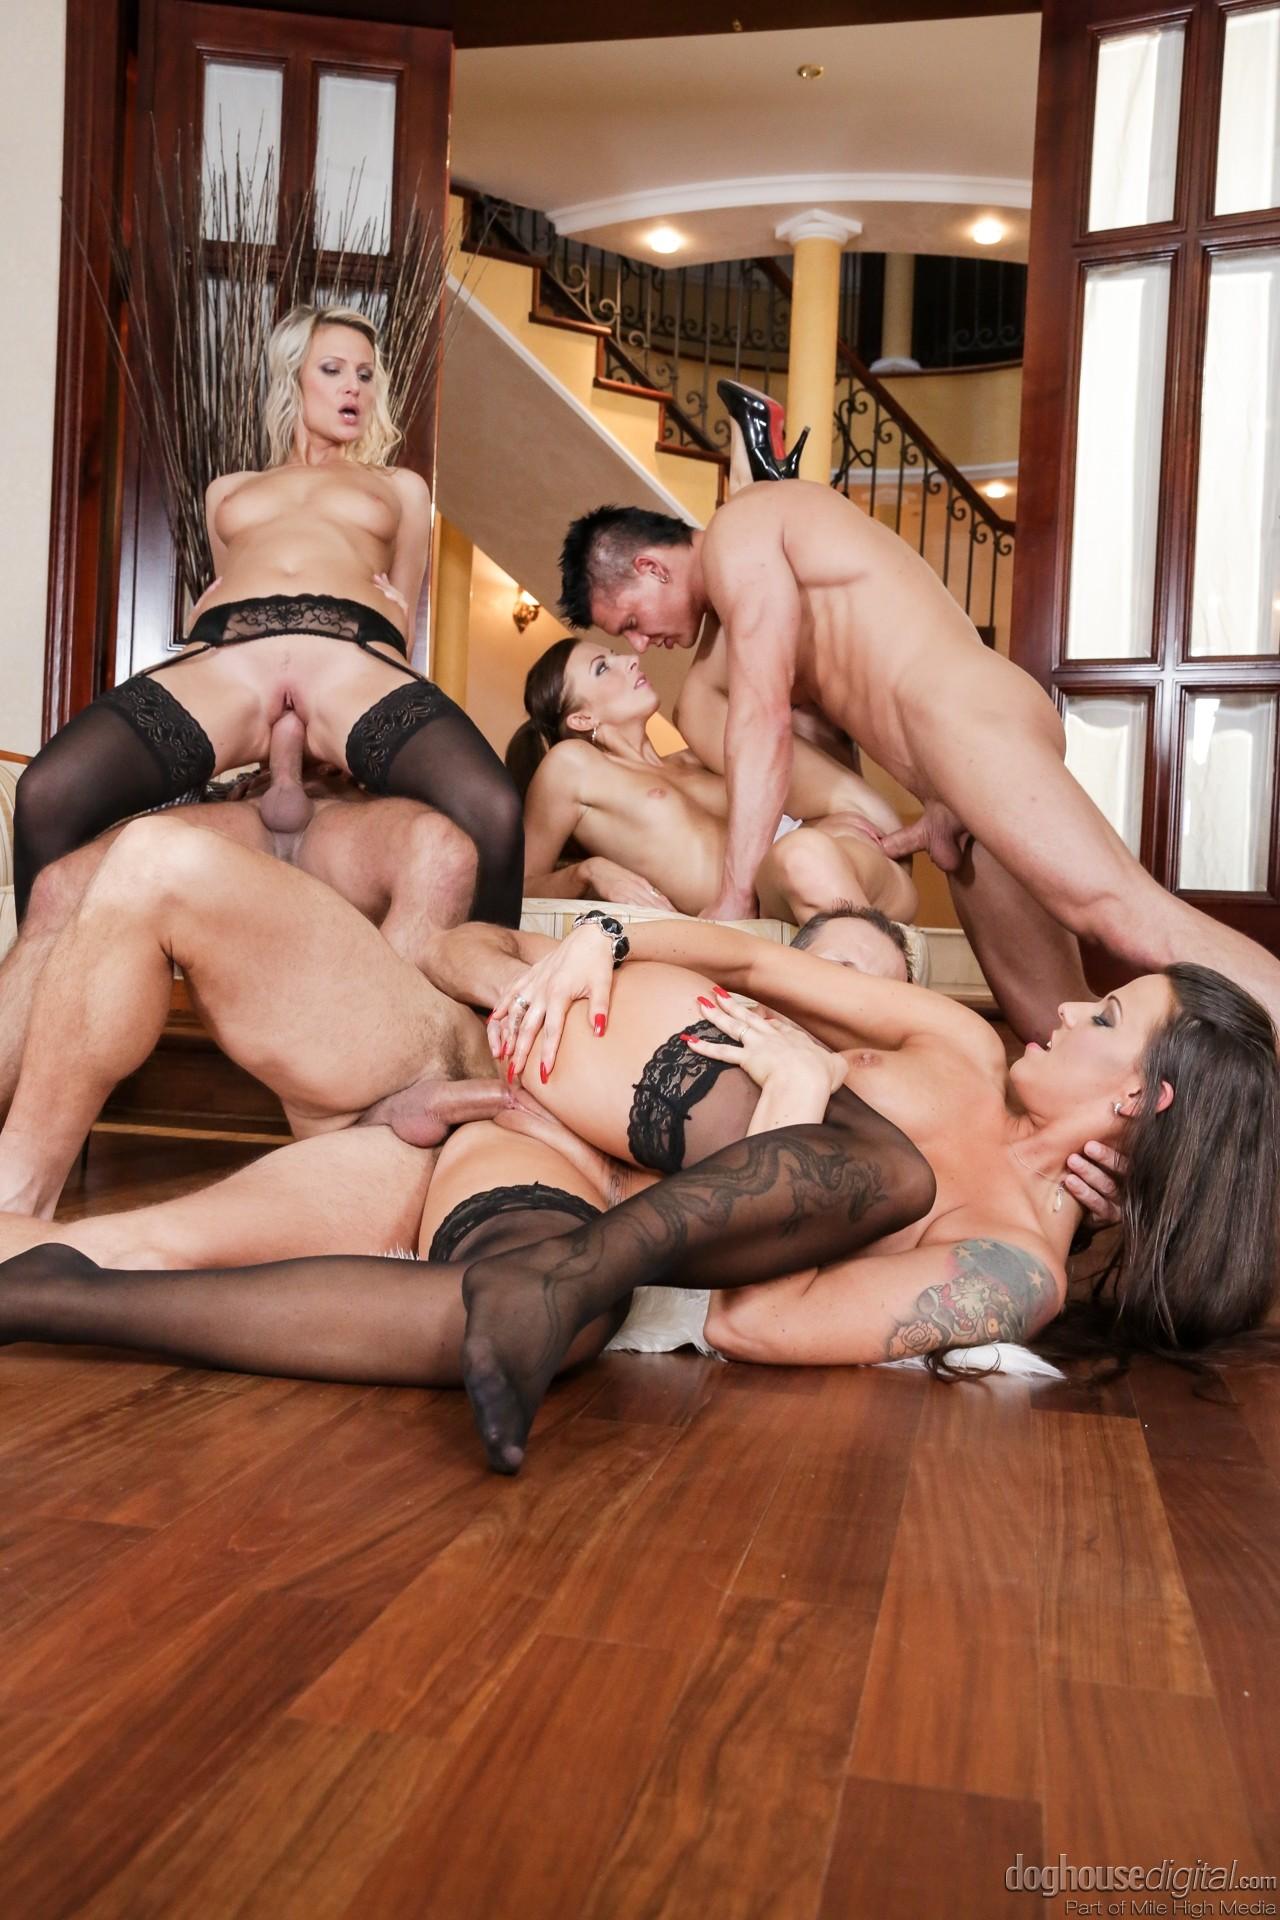 Sex addict temptress porn — pic 10